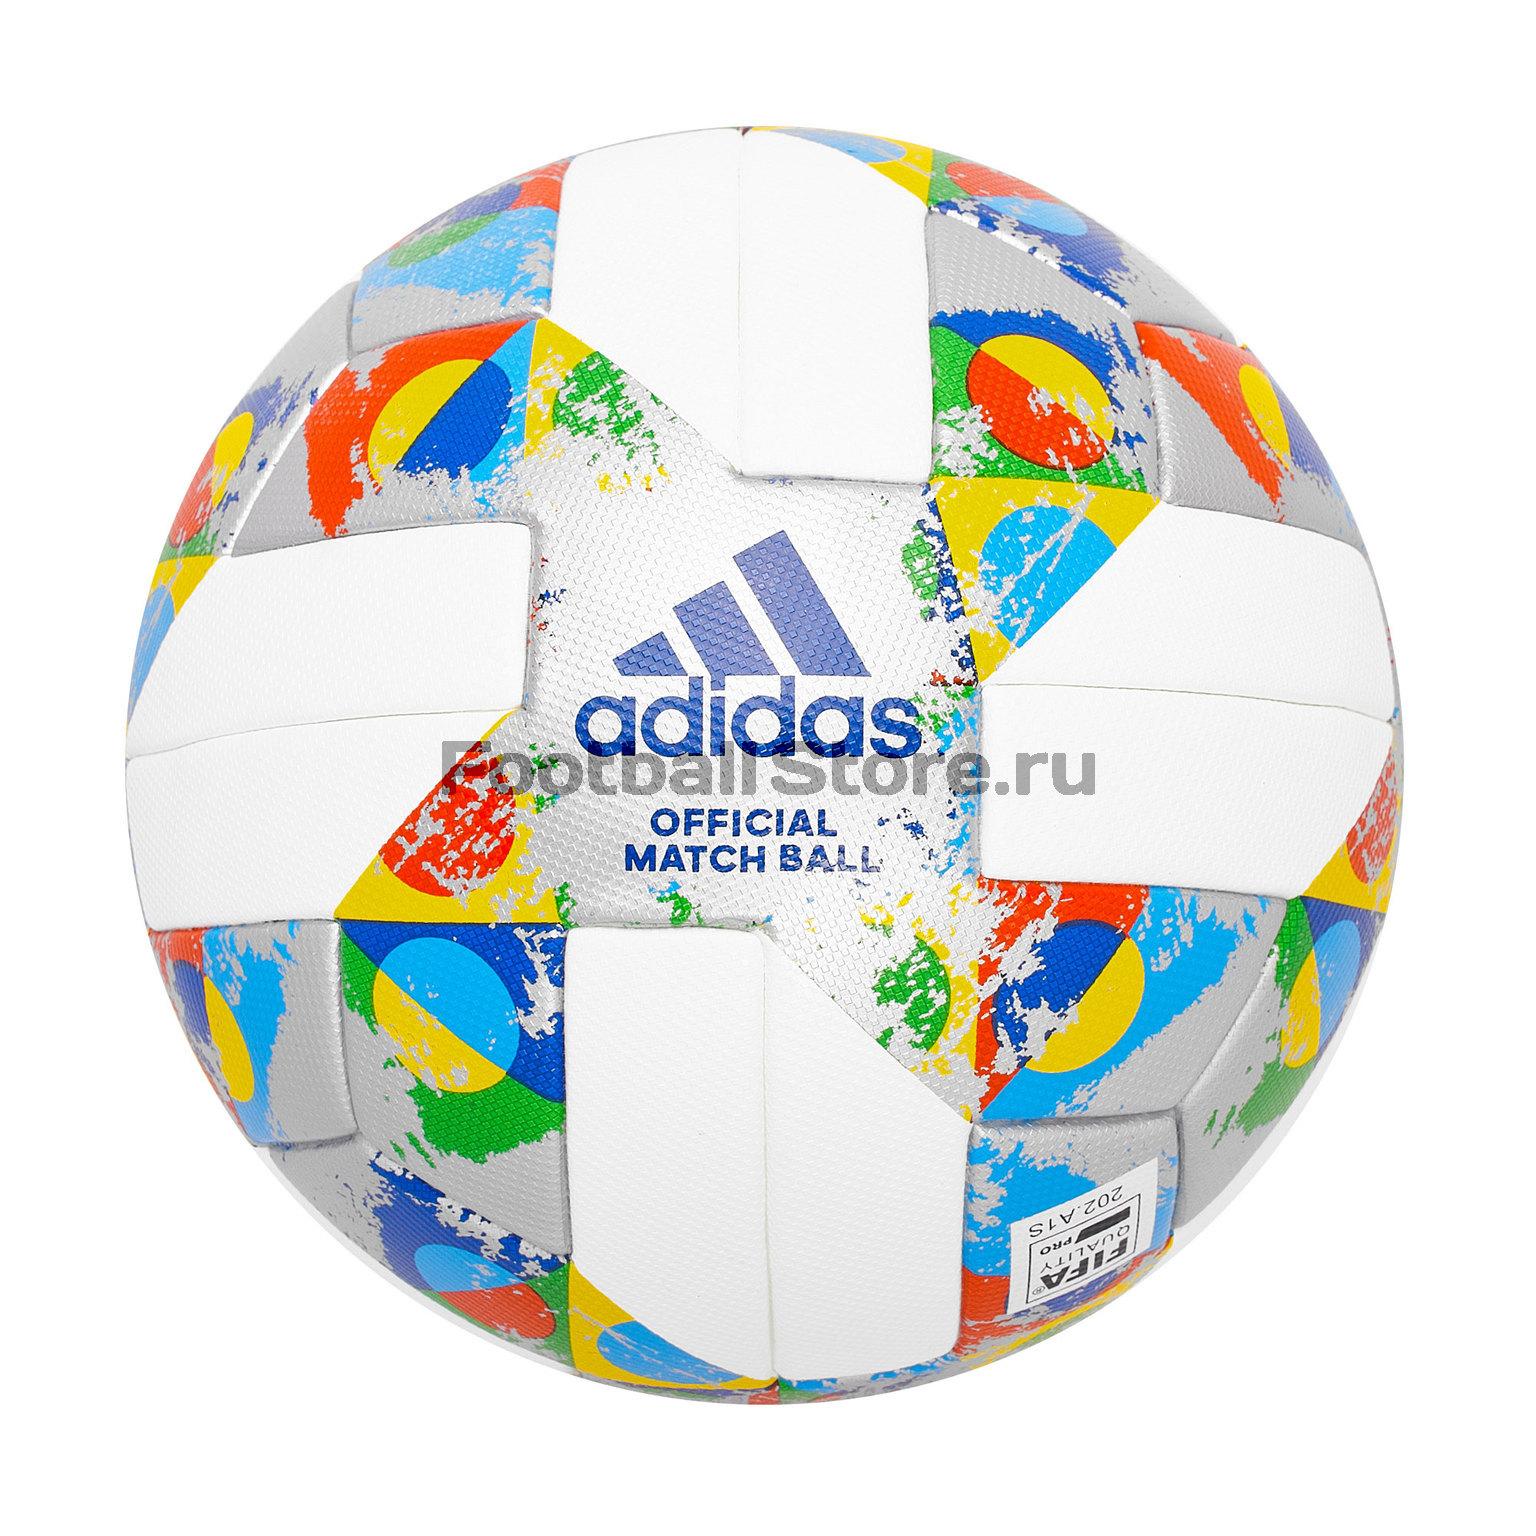 Официальный мяч Adidas Лиги Наций UEFA CW5295